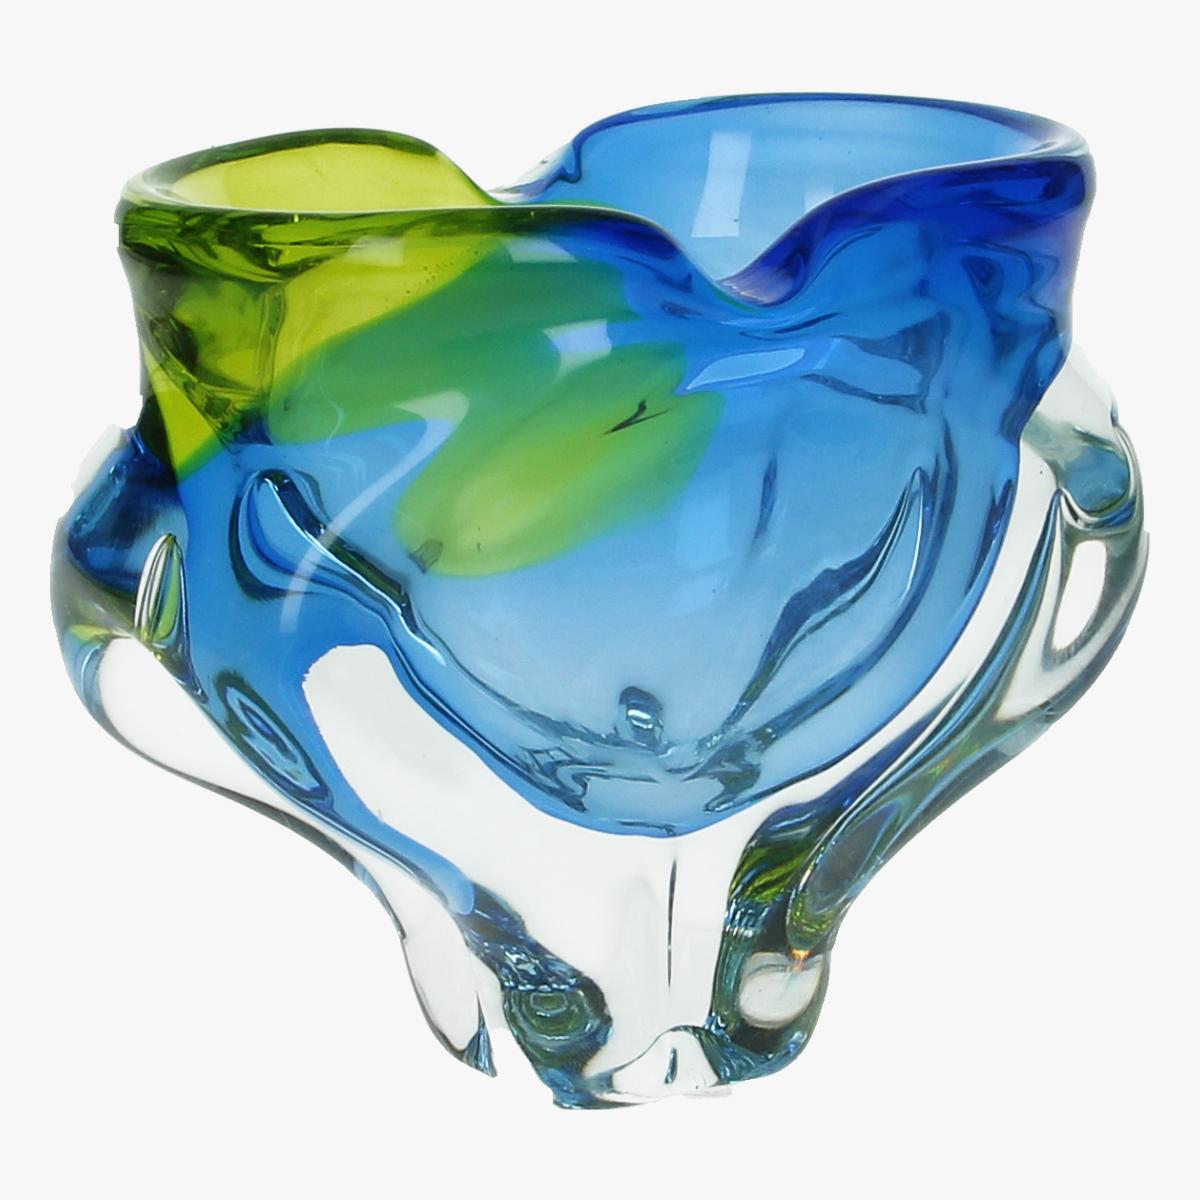 Afbeeldingen van glaswerk vaas